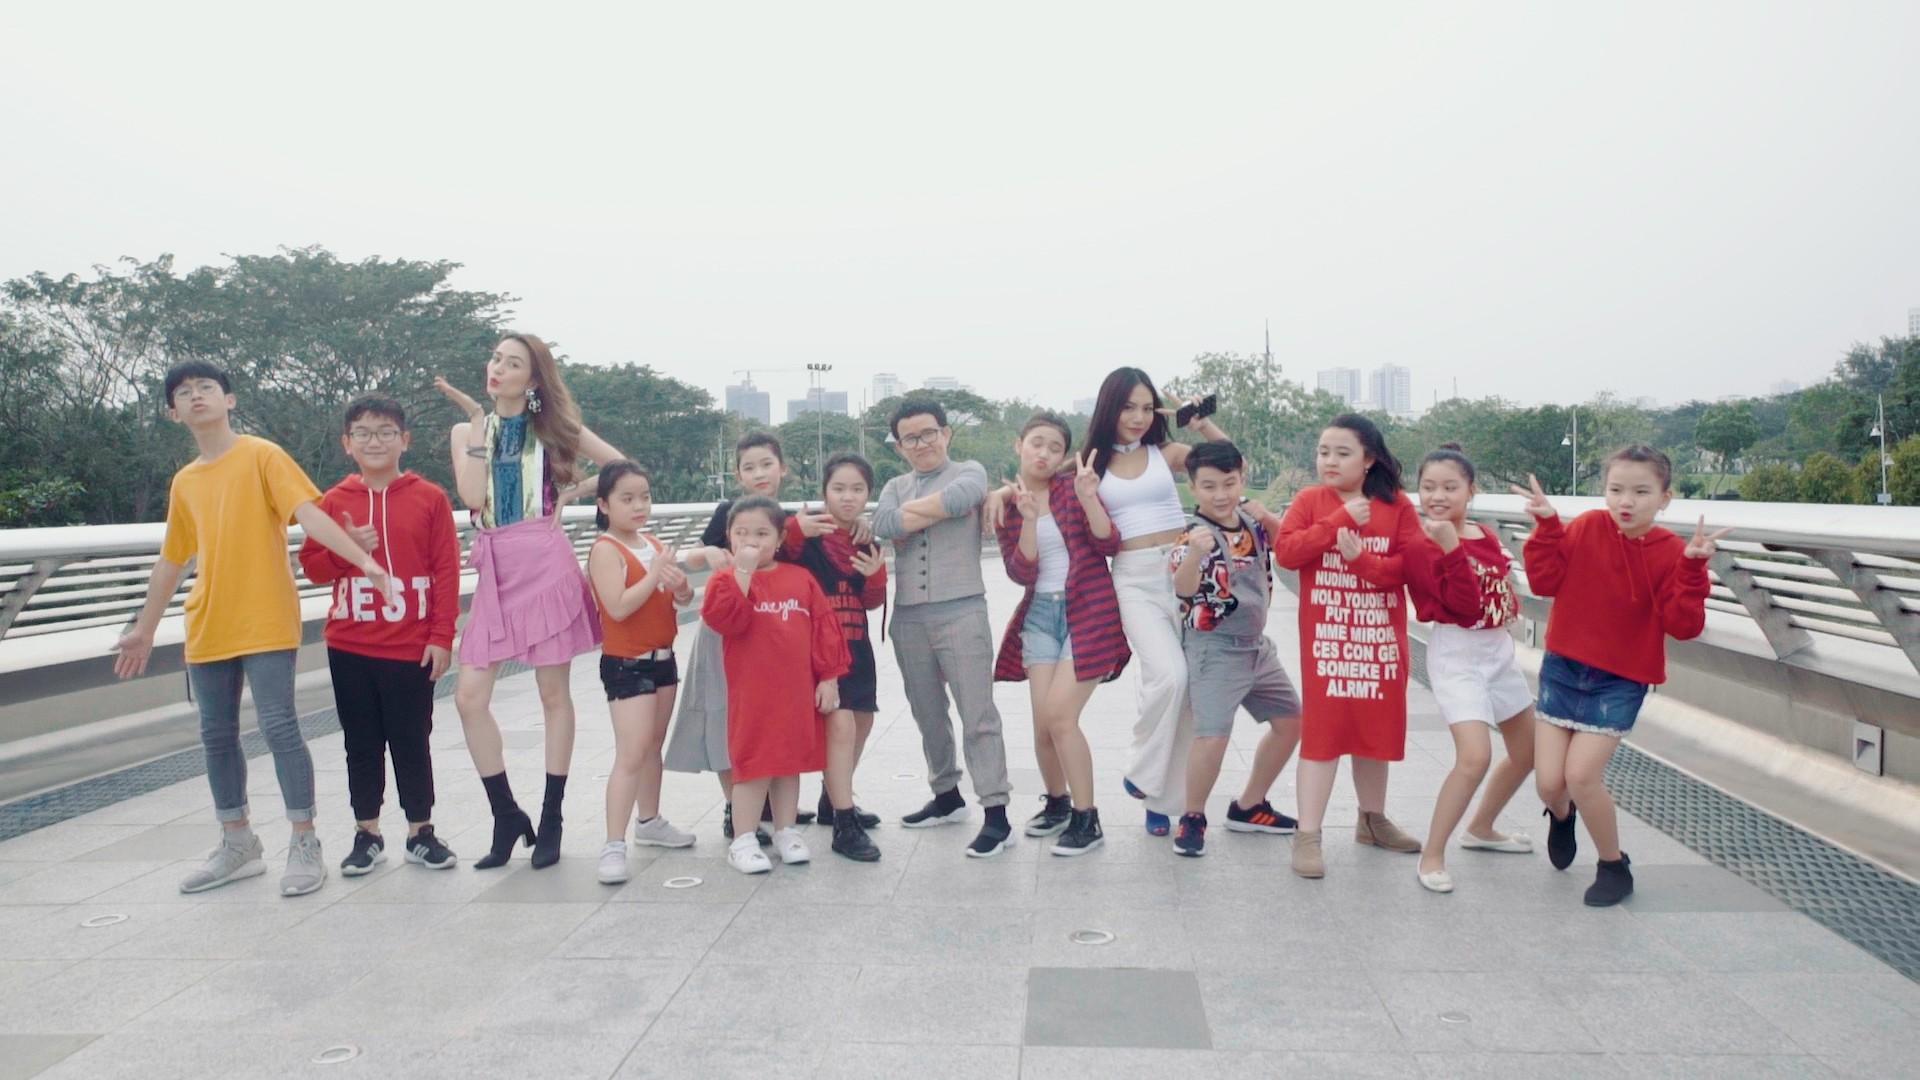 MV Get ready to live của Phương Uyên và các học trò truyền tải thông điệp sống đẹp